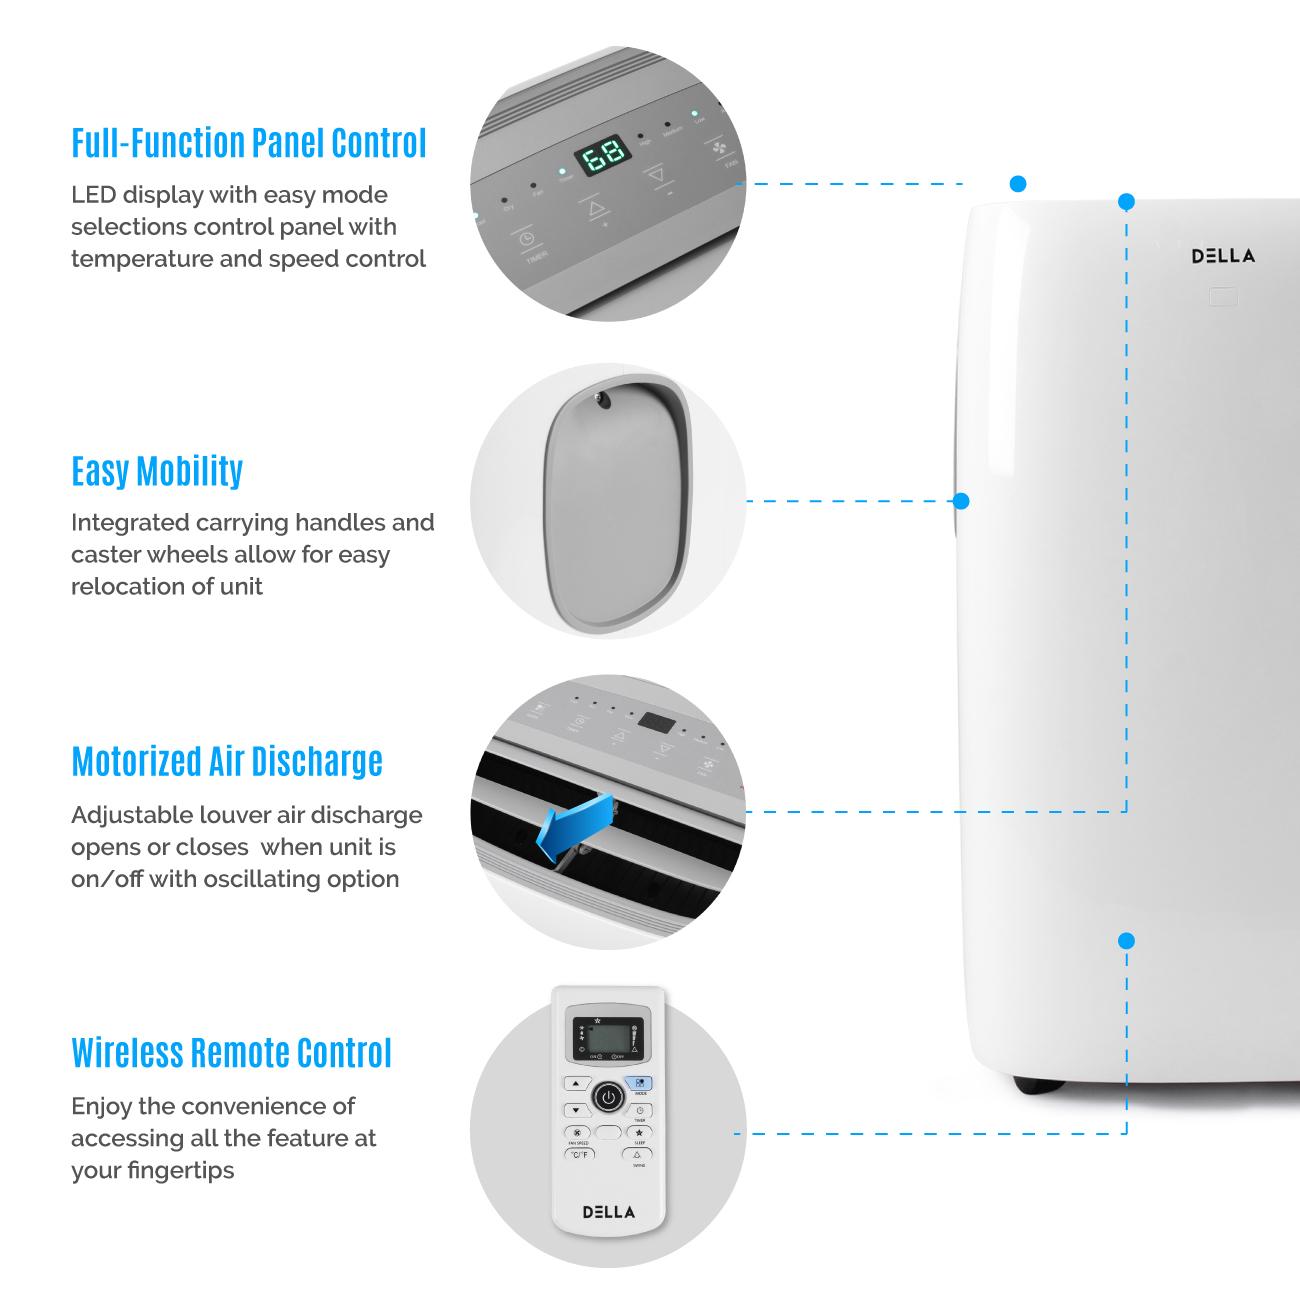 DELLA 14,000 BTU Portable Air Conditioner Dehumidifier AC ...